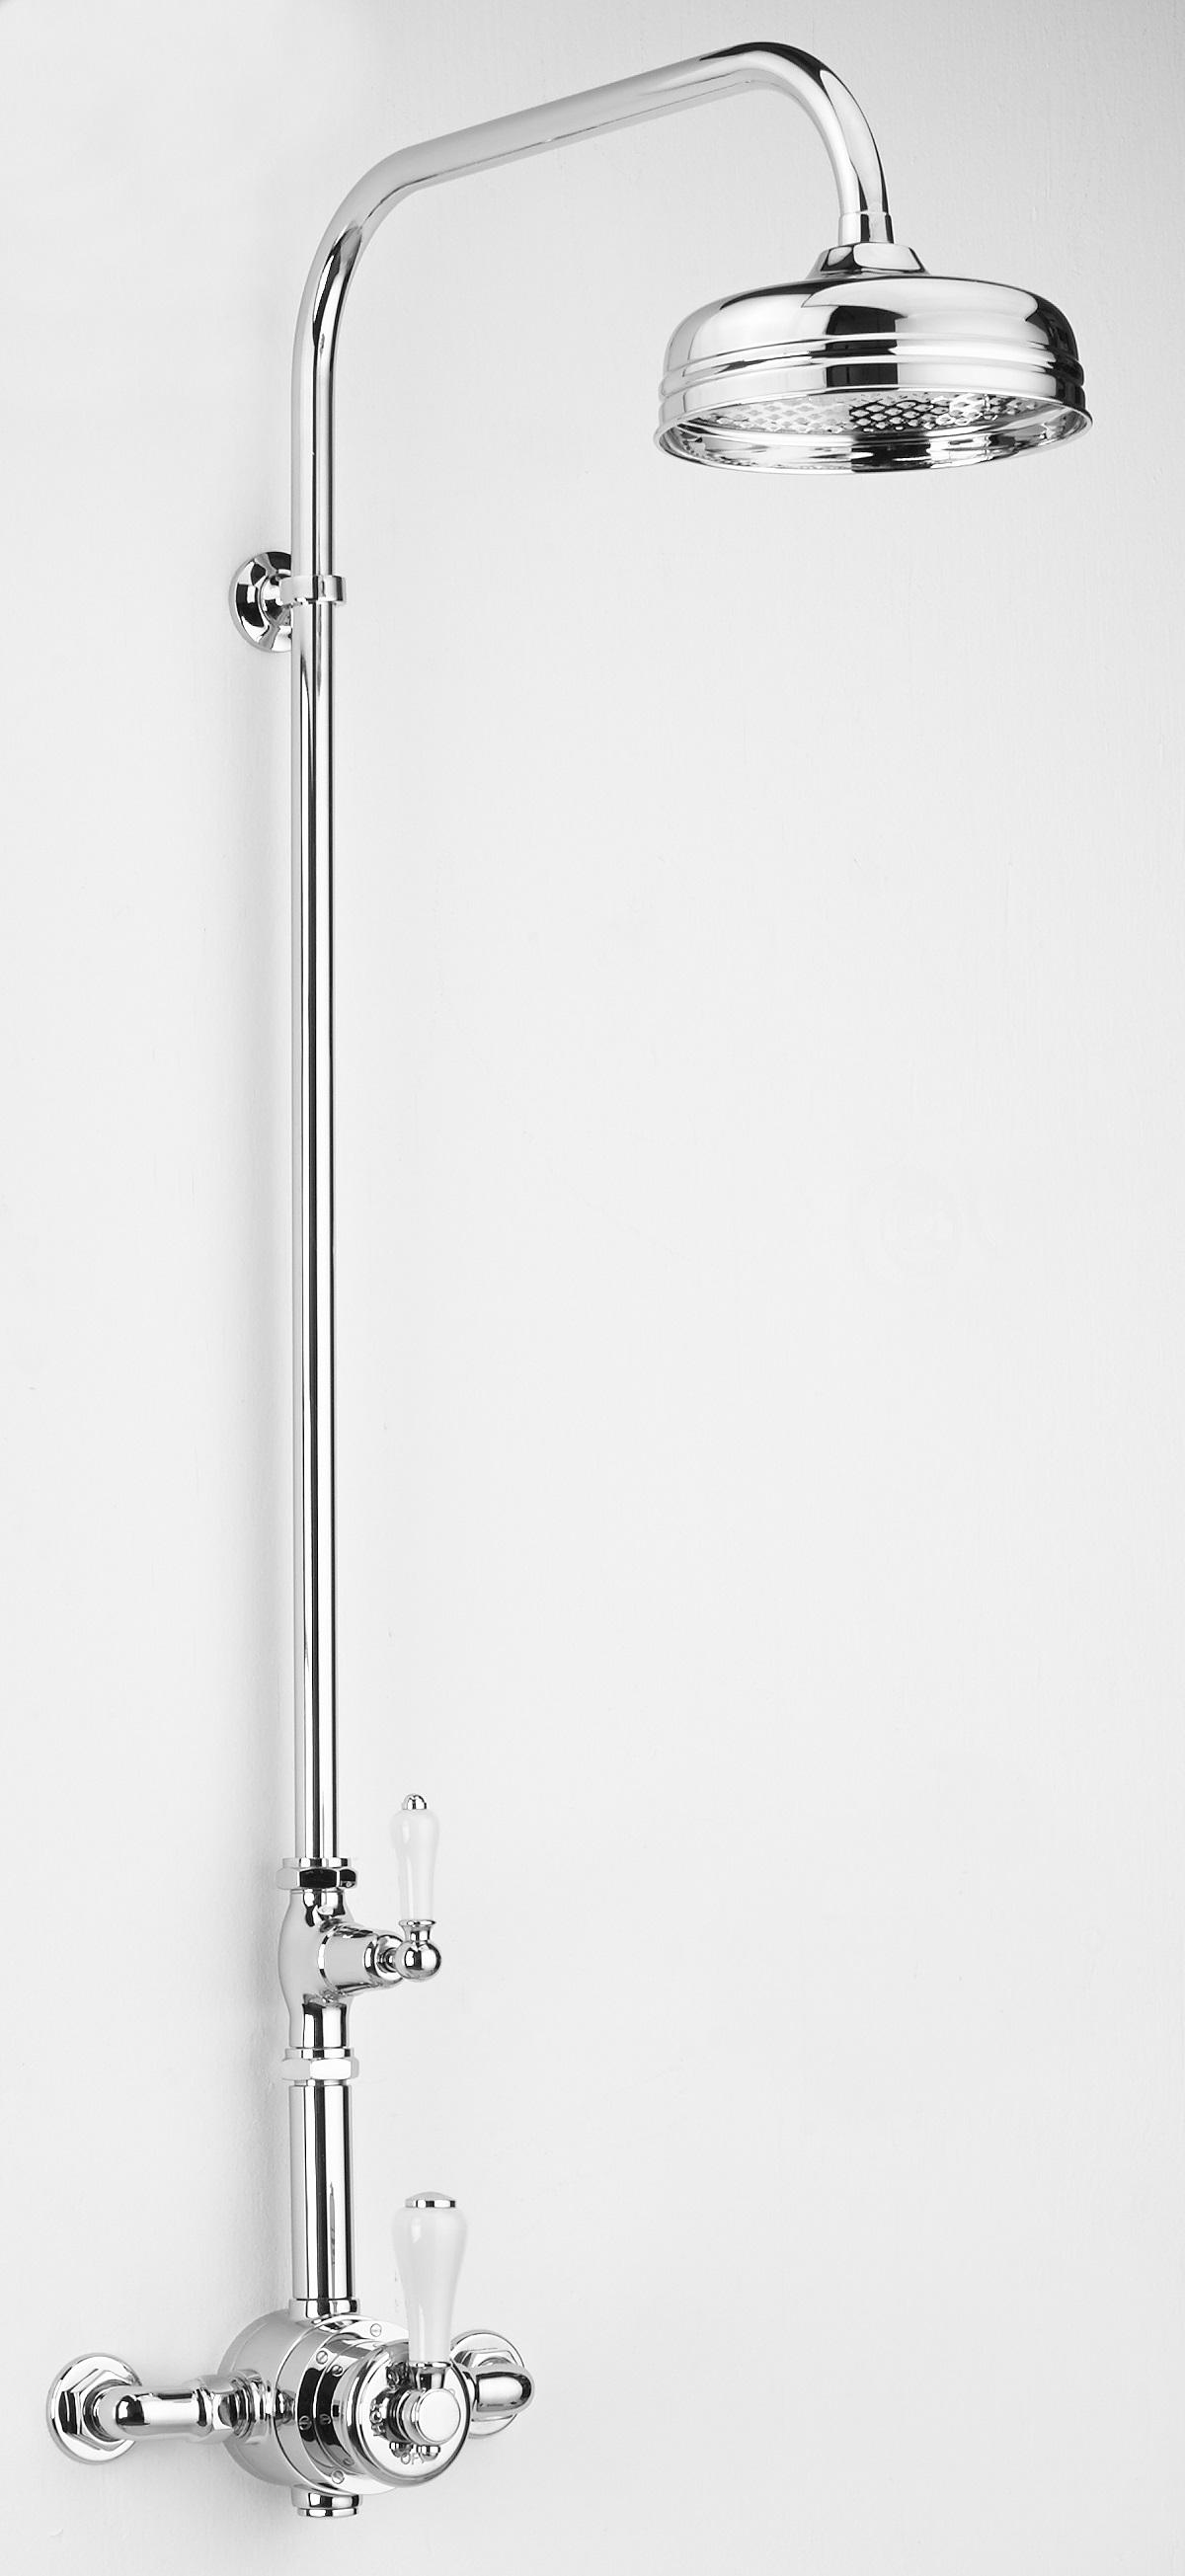 Shower Sets – Rudge & Co